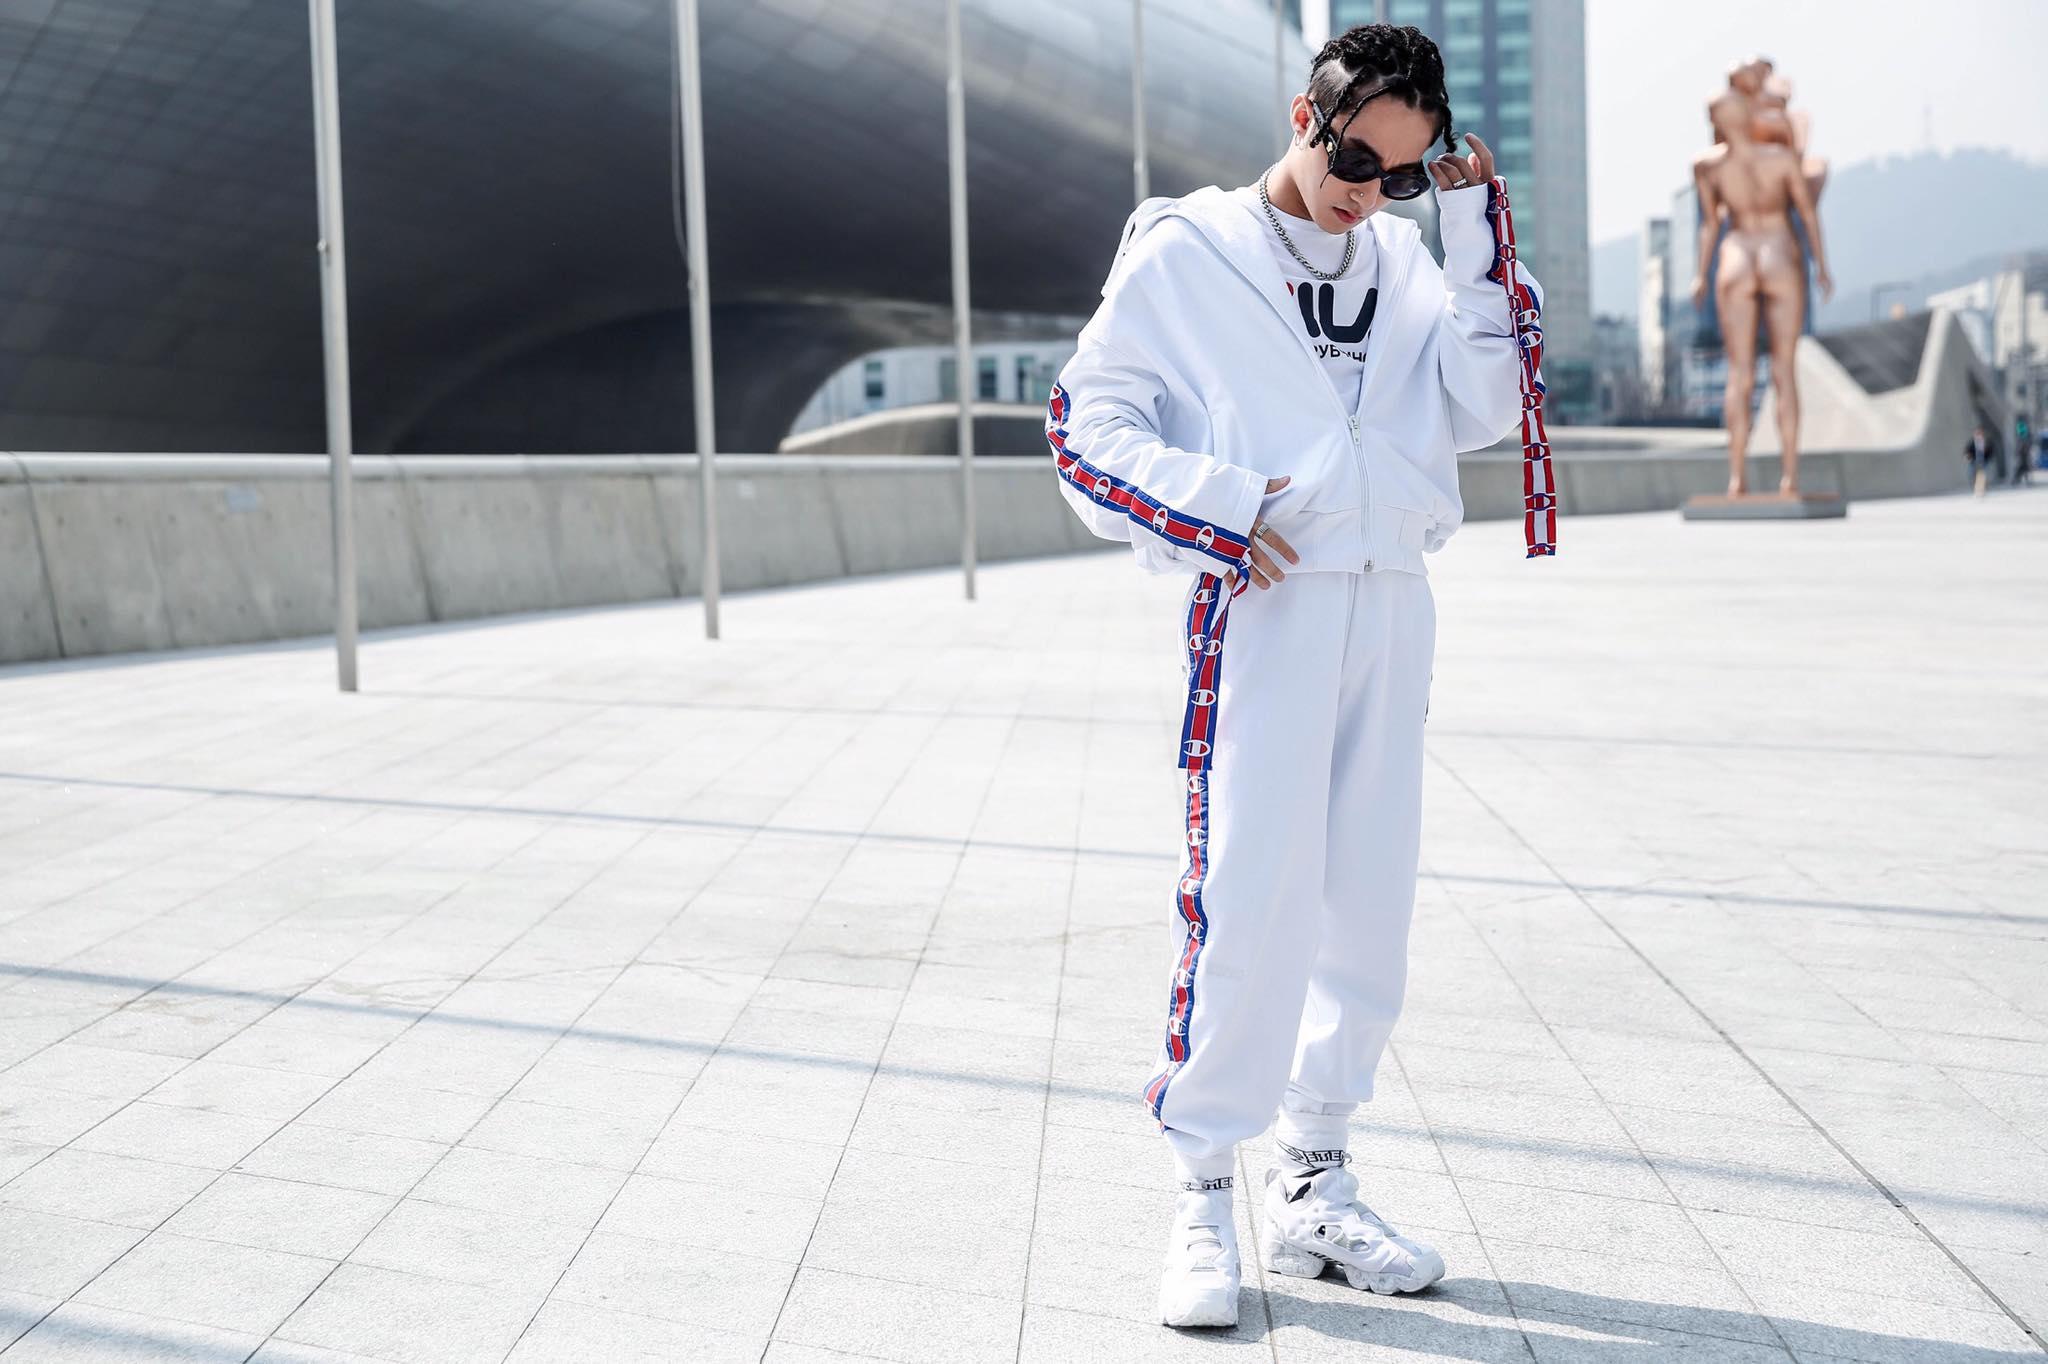 """So với hình tượng """"ông bố thập niên 80"""" của ngày hôm trước, tại ngày thứ 3 của Seoul Fashion Week, Sơn Tùng thay đổi 180o khi xuất hiện khỏe khoắn trong set đồ thể thao trắng muốt."""